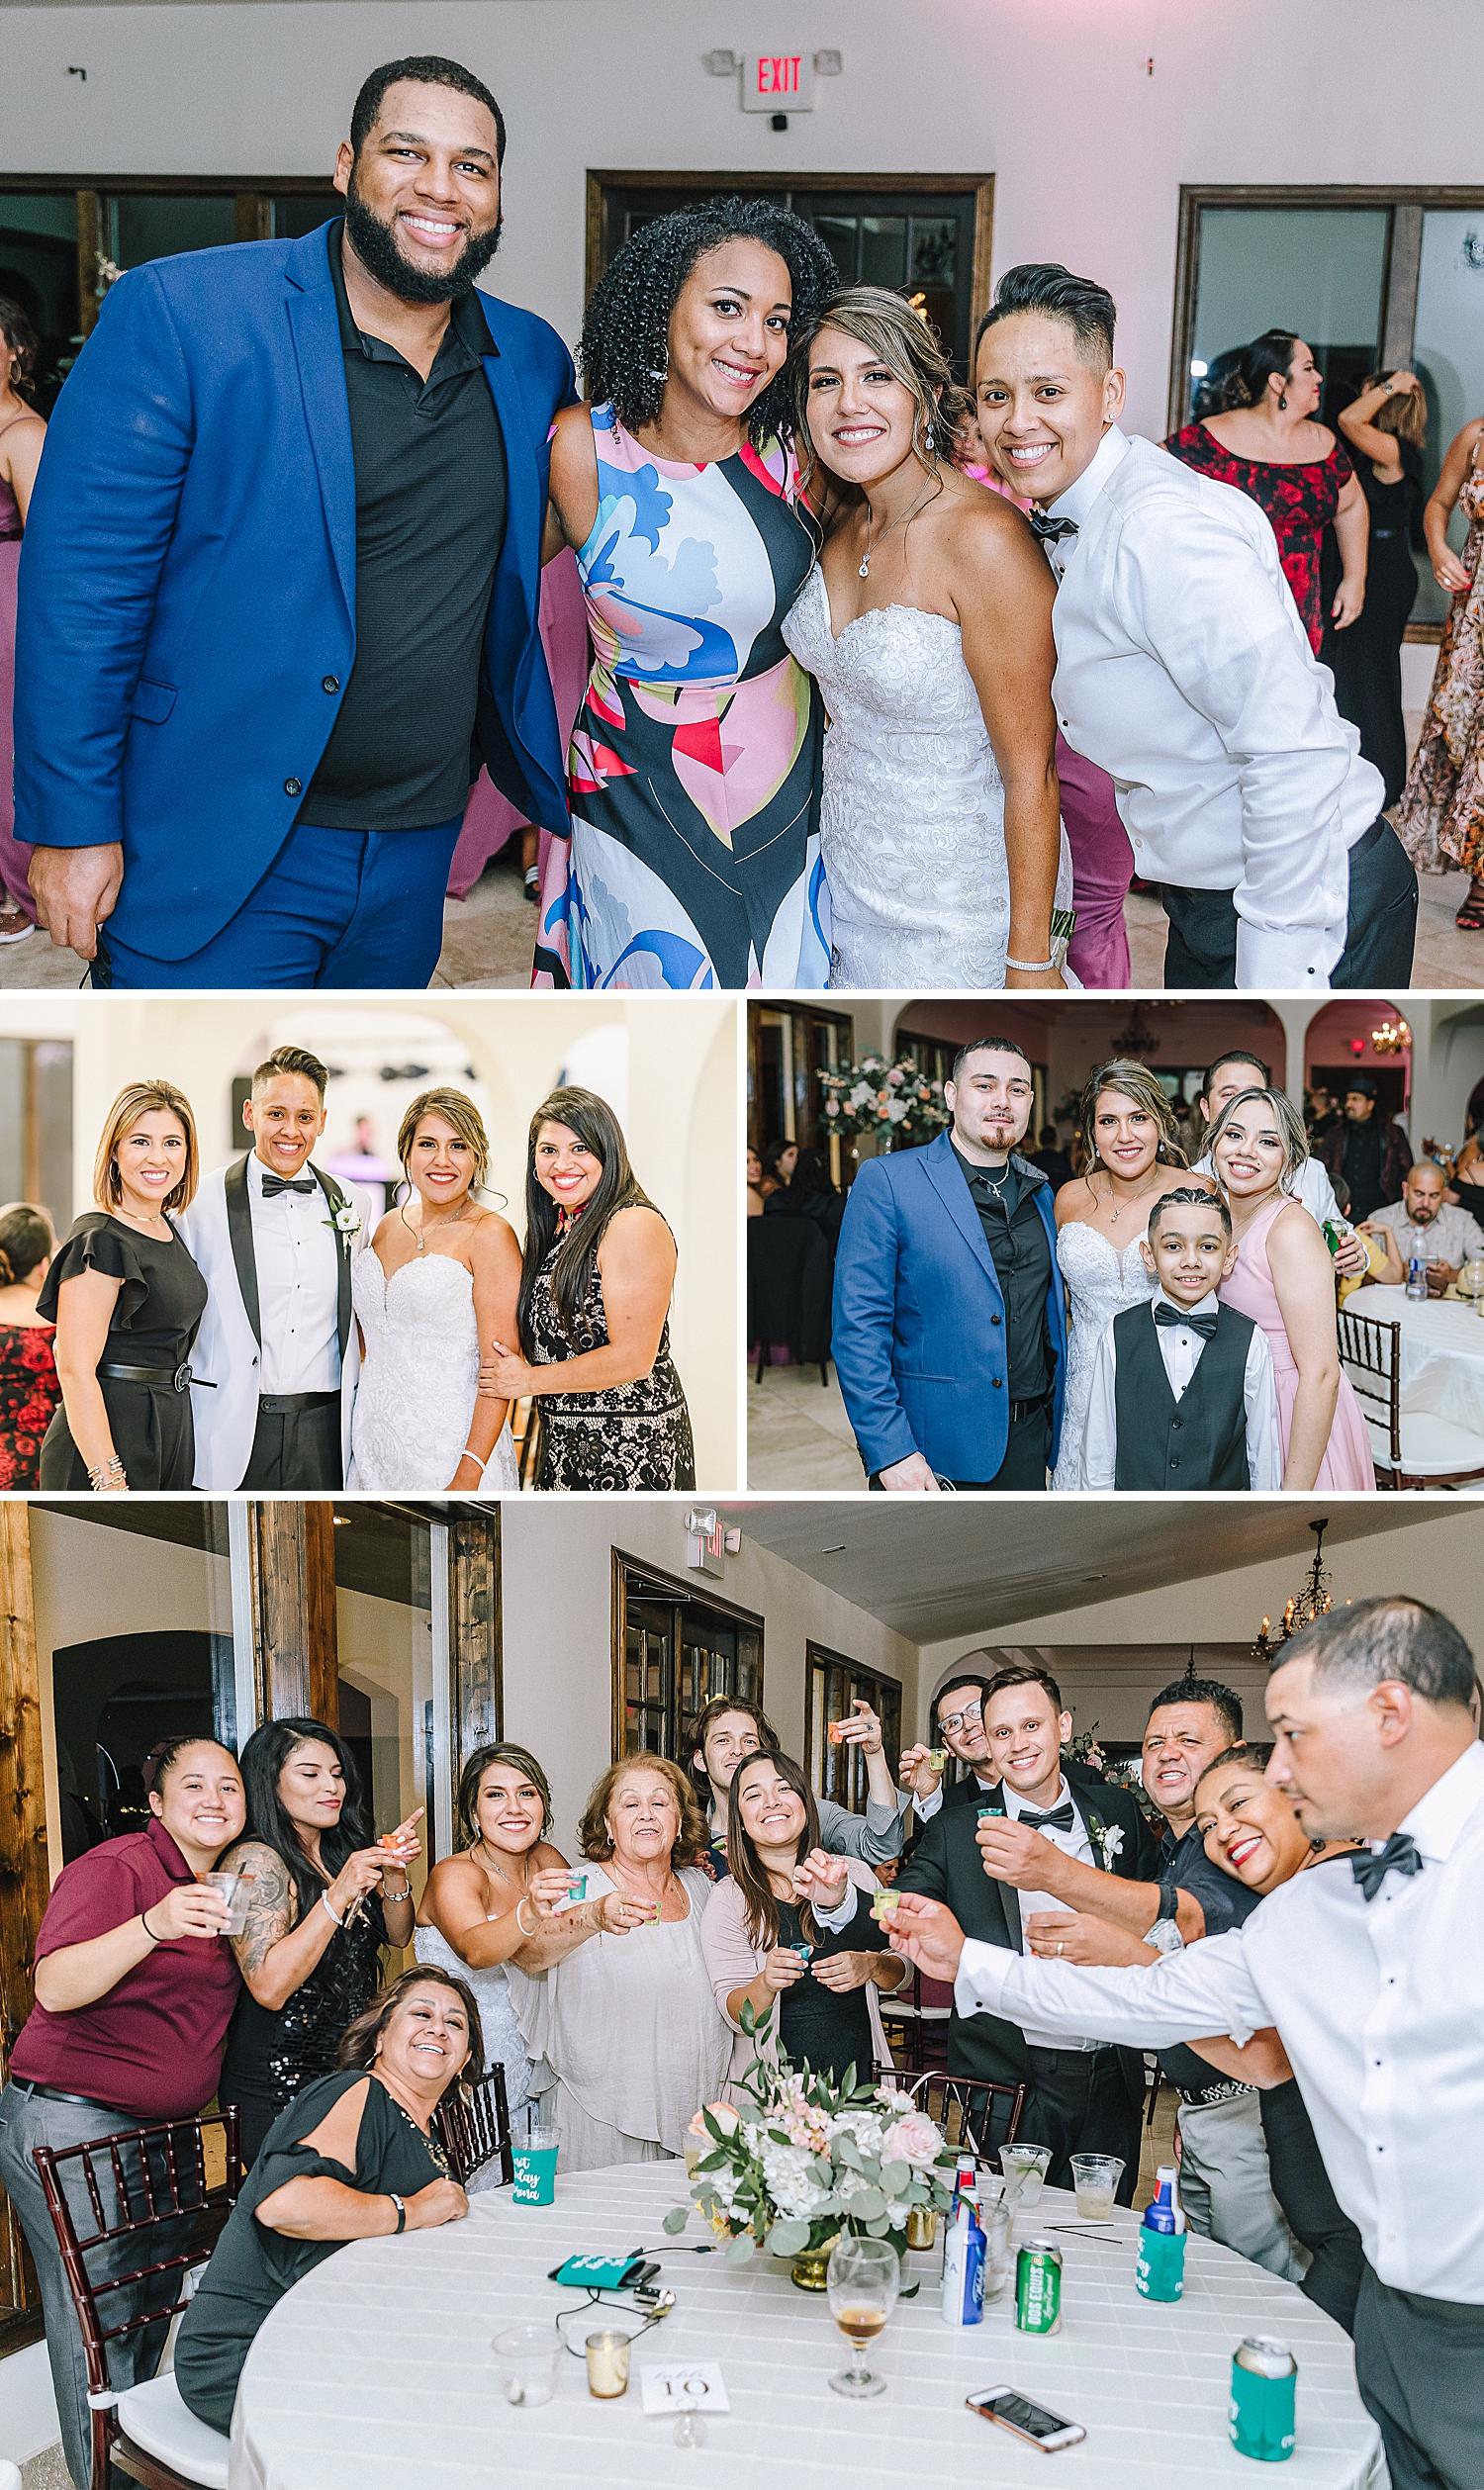 Carly-Barton-Photography-The-Villa-at-Cielo-Vista-Blush-Gold-White-Wedding-Photos_0014.jpg